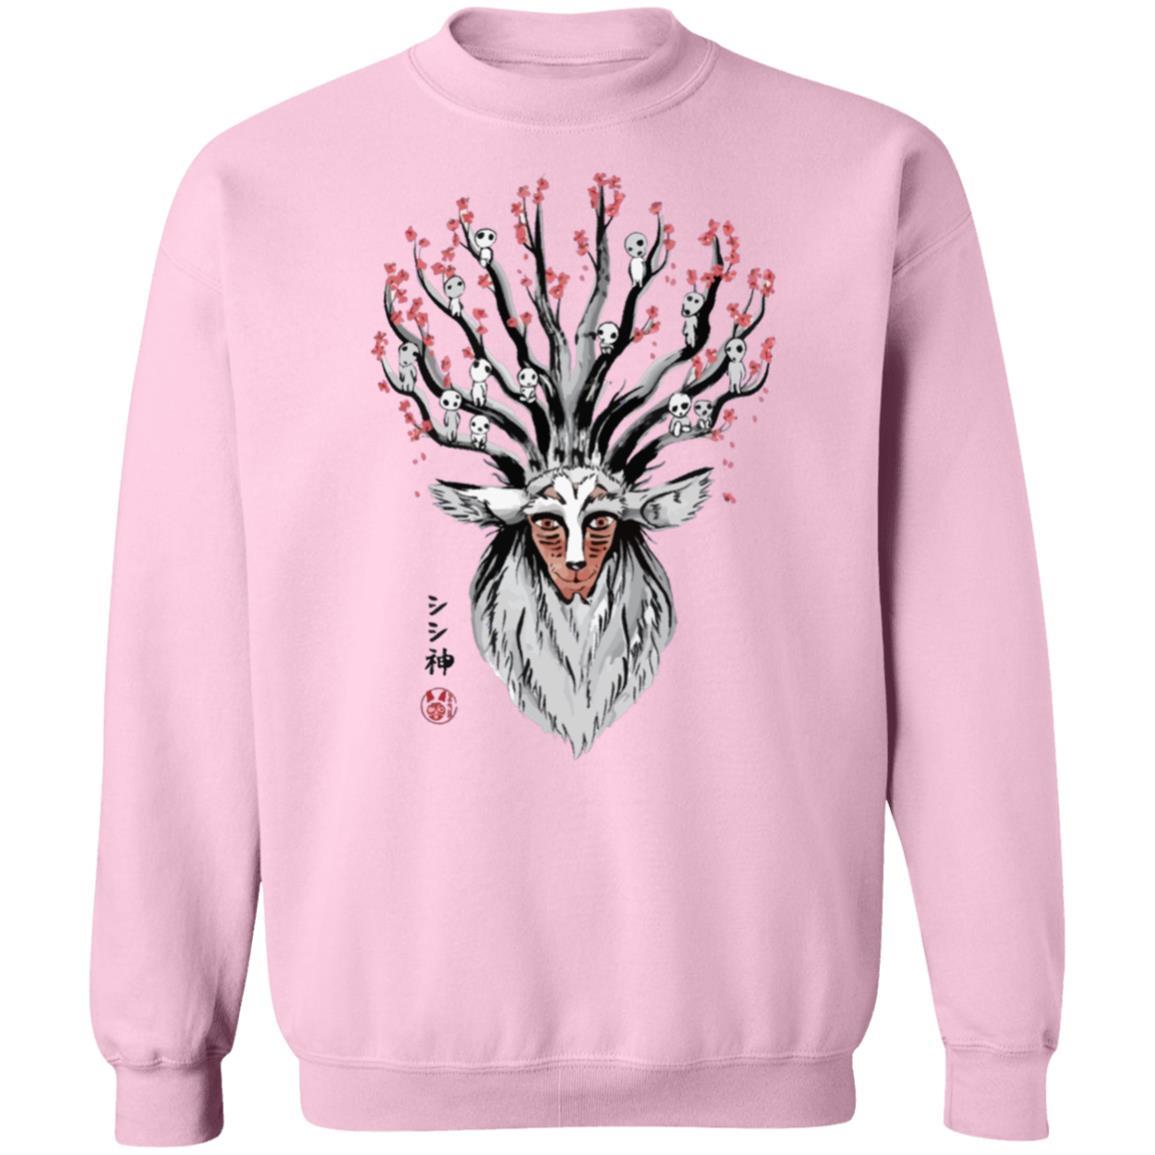 Princess Mononoke – Shishigami and Sakura Sweatshirt